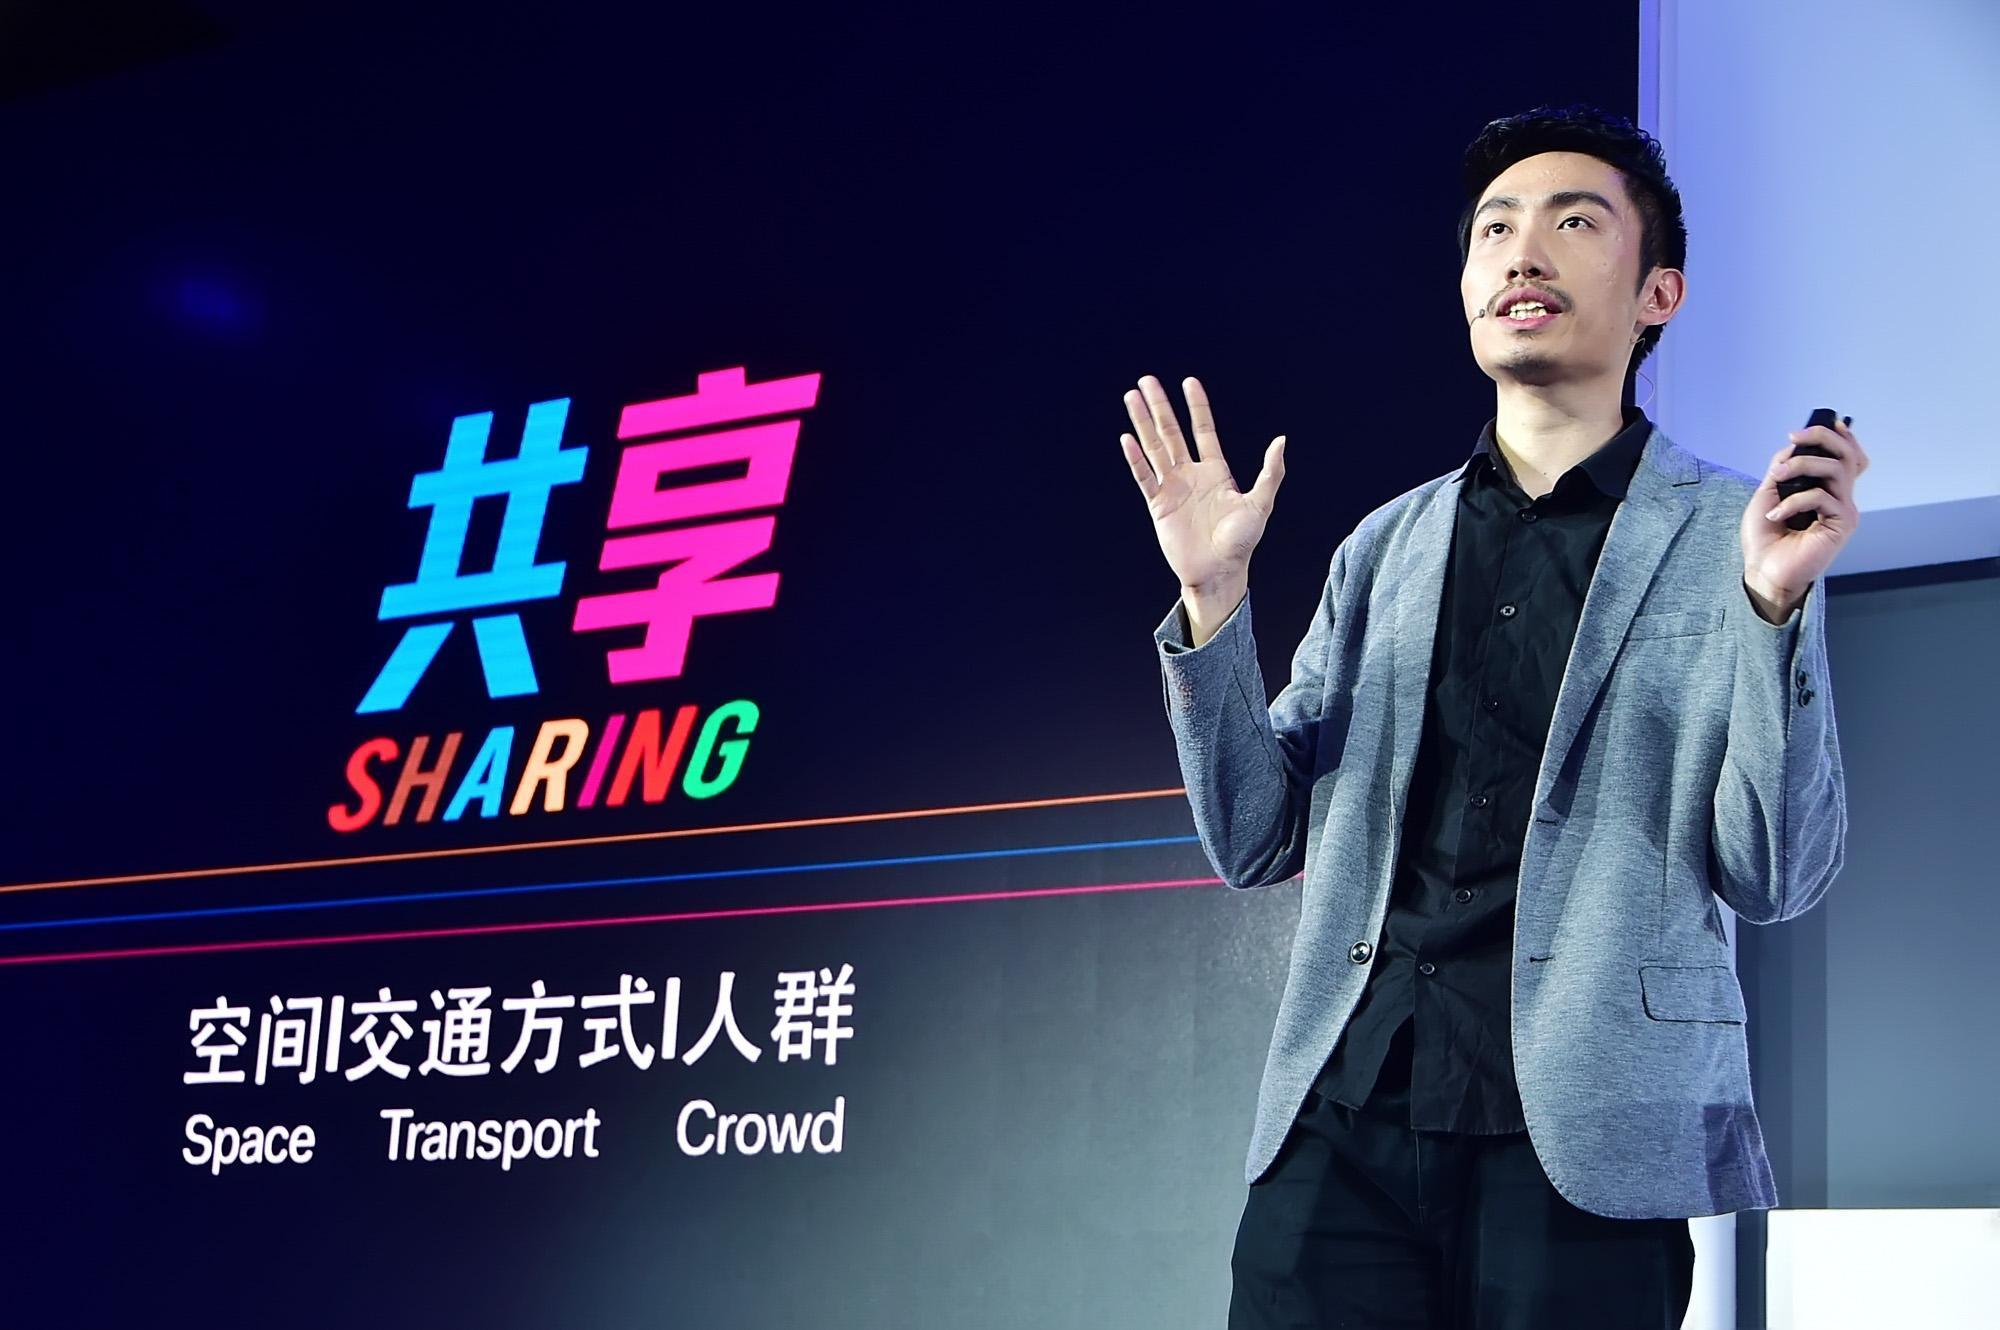 宝马未来出行青年实践营在京颁奖 创新未来出行方式